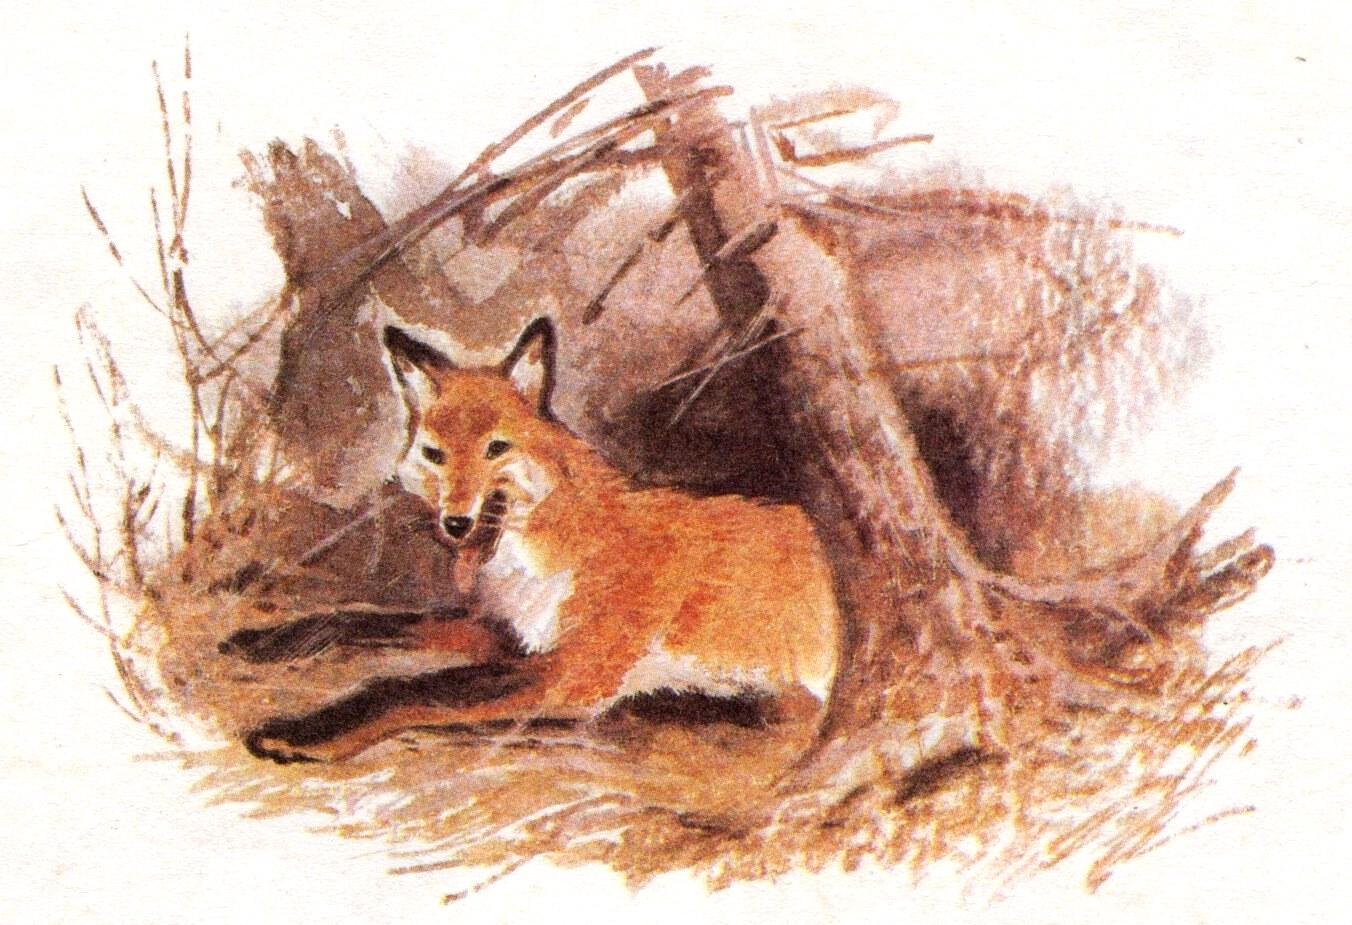 рисунок лисы с лисятами в норе помощью можете